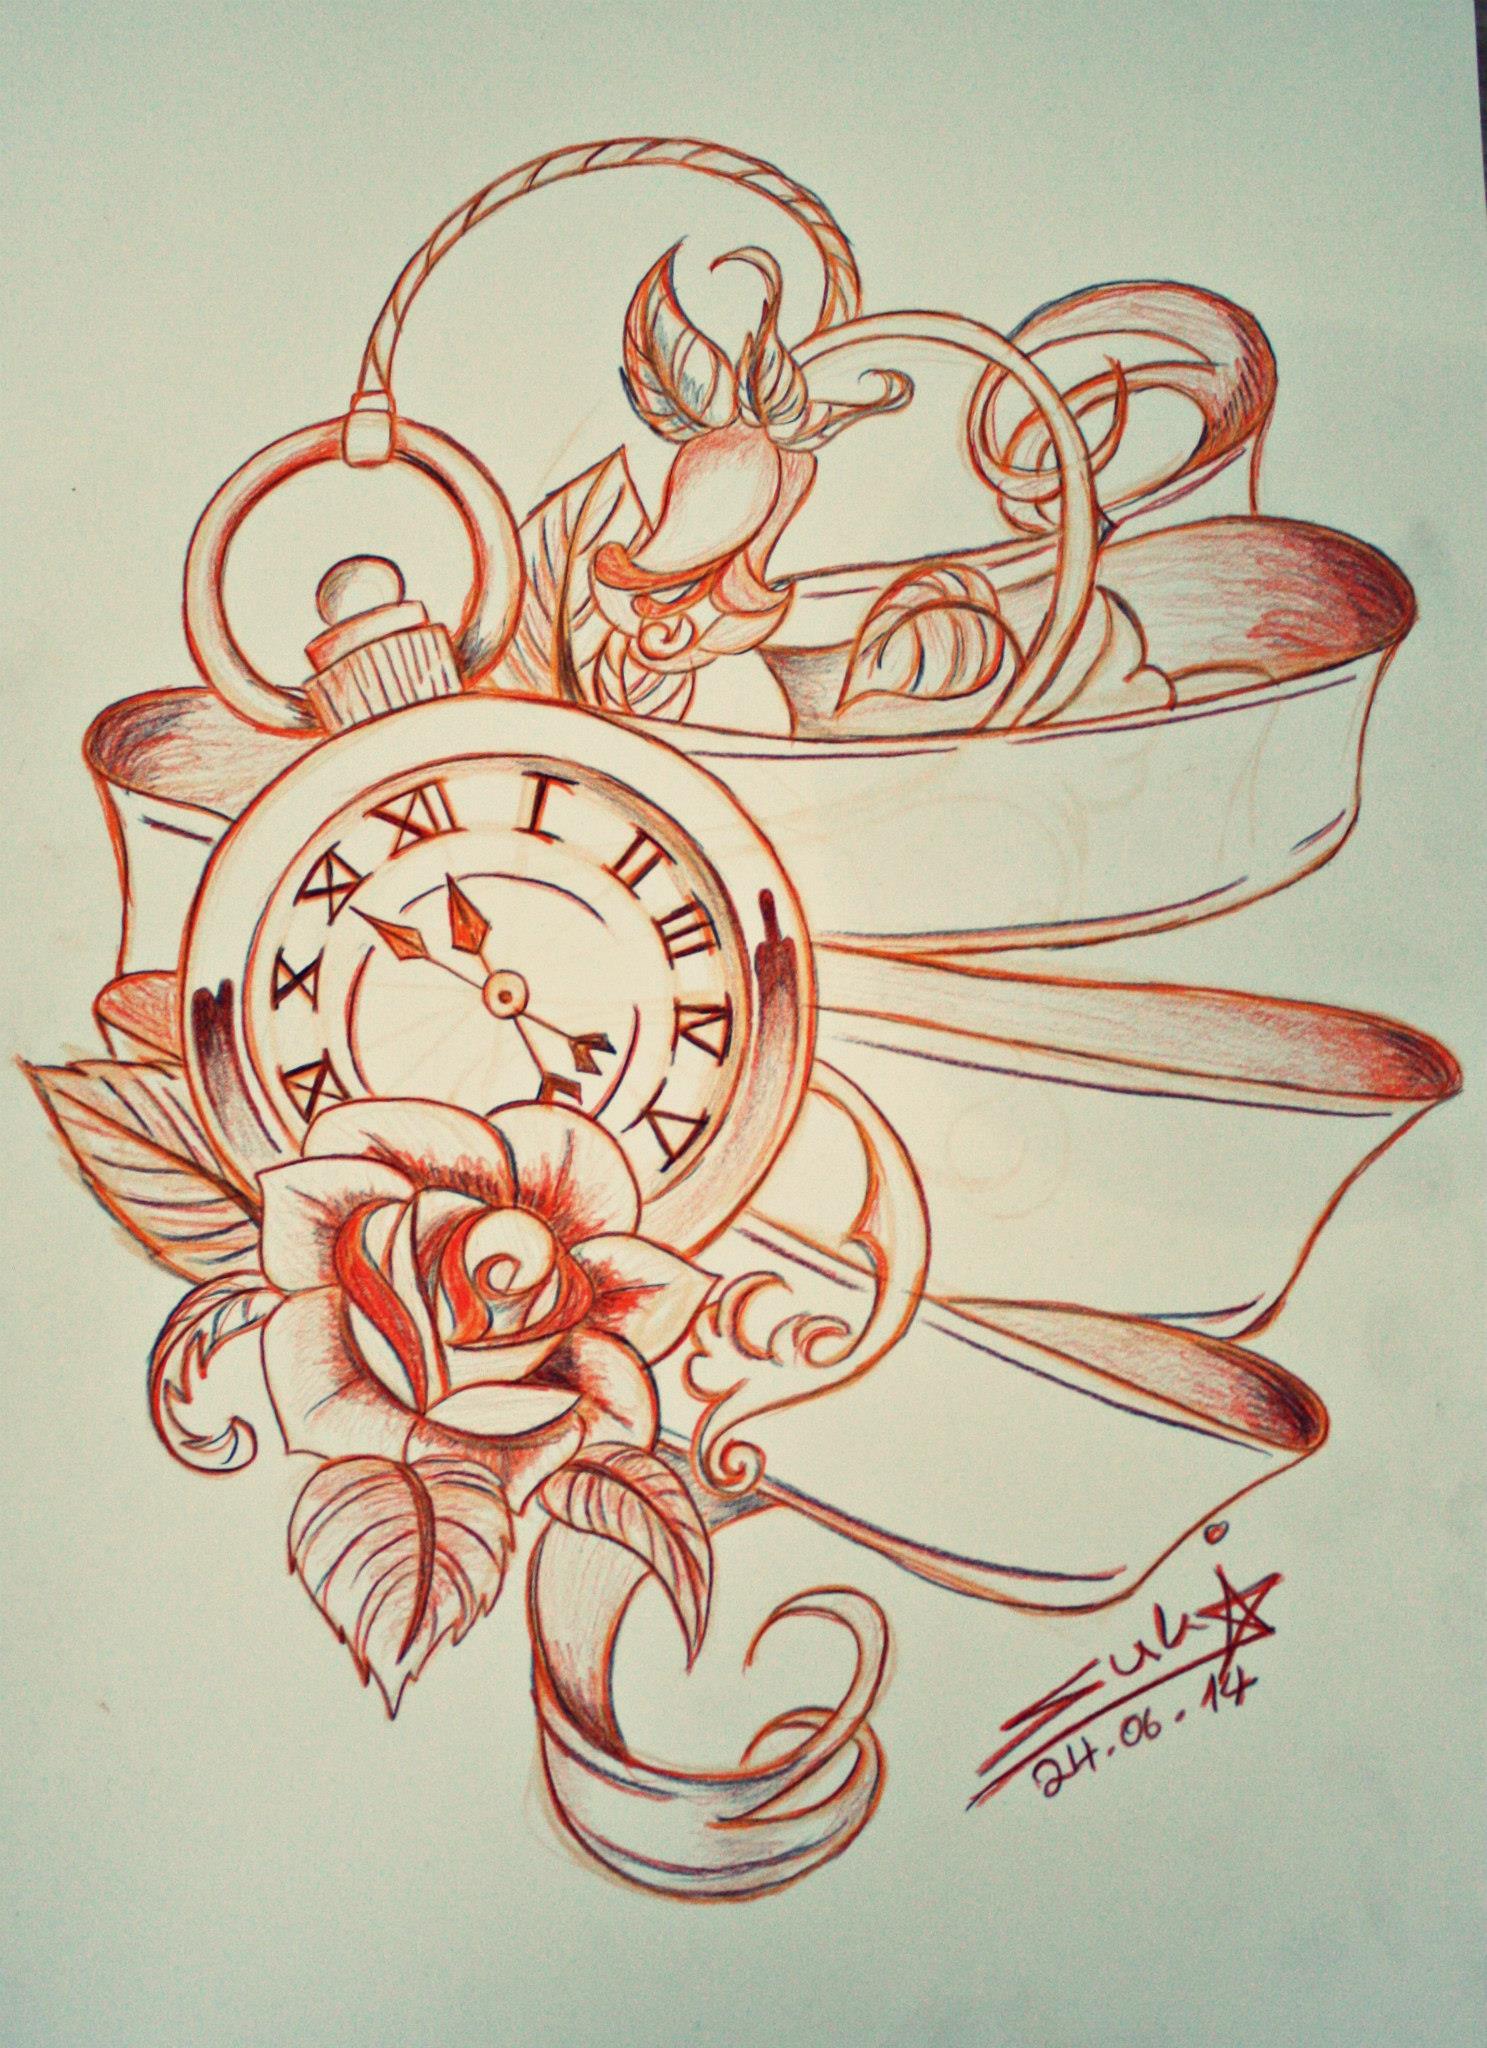 Pocket Watch Tattoo Design By Sukis Brain Artwork On Deviantart